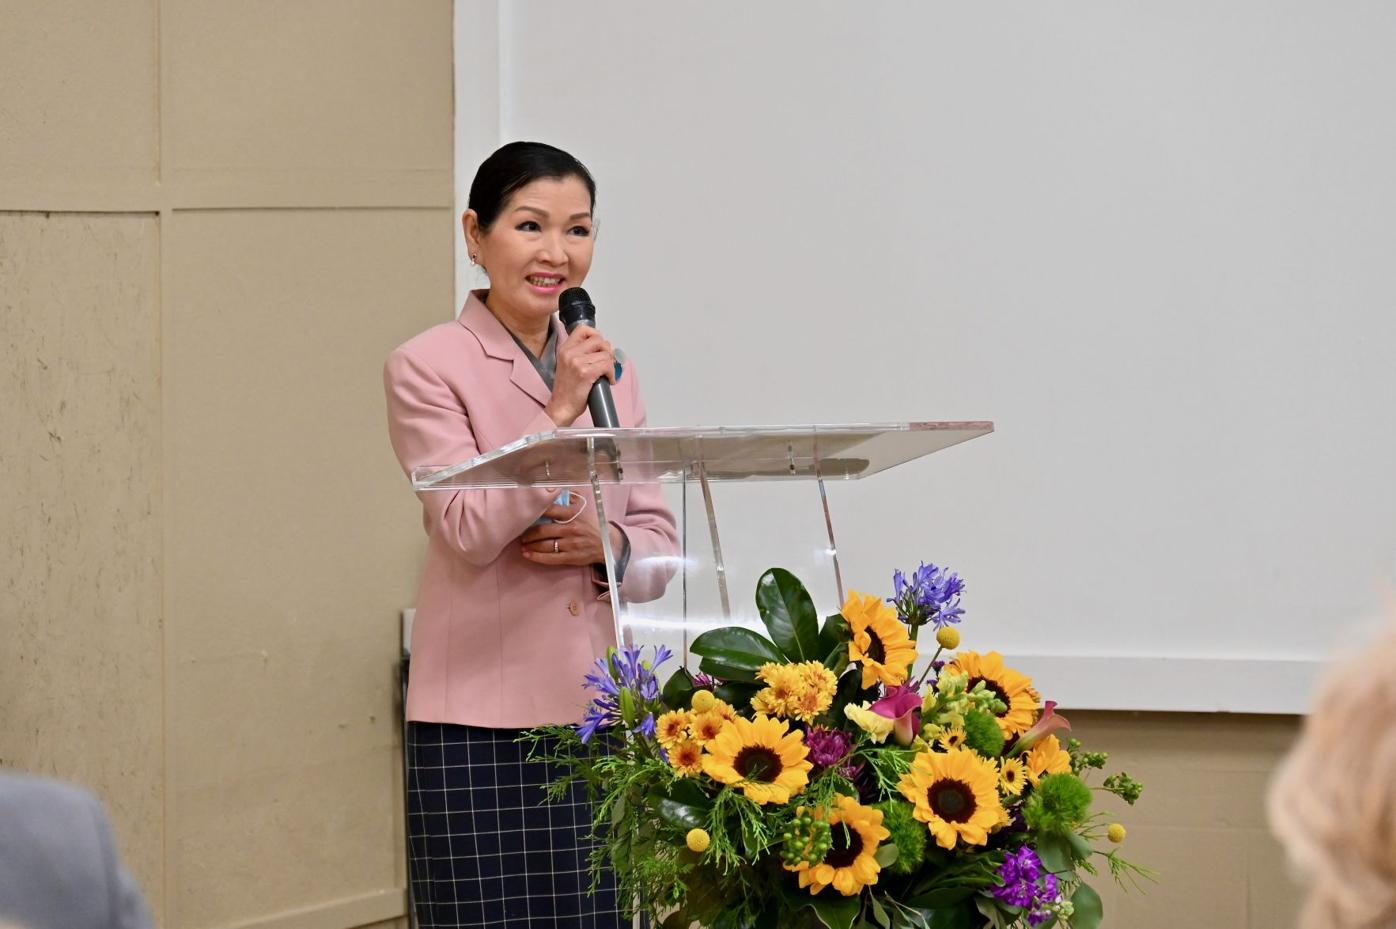 Yumi Hogan at White Plains center opening